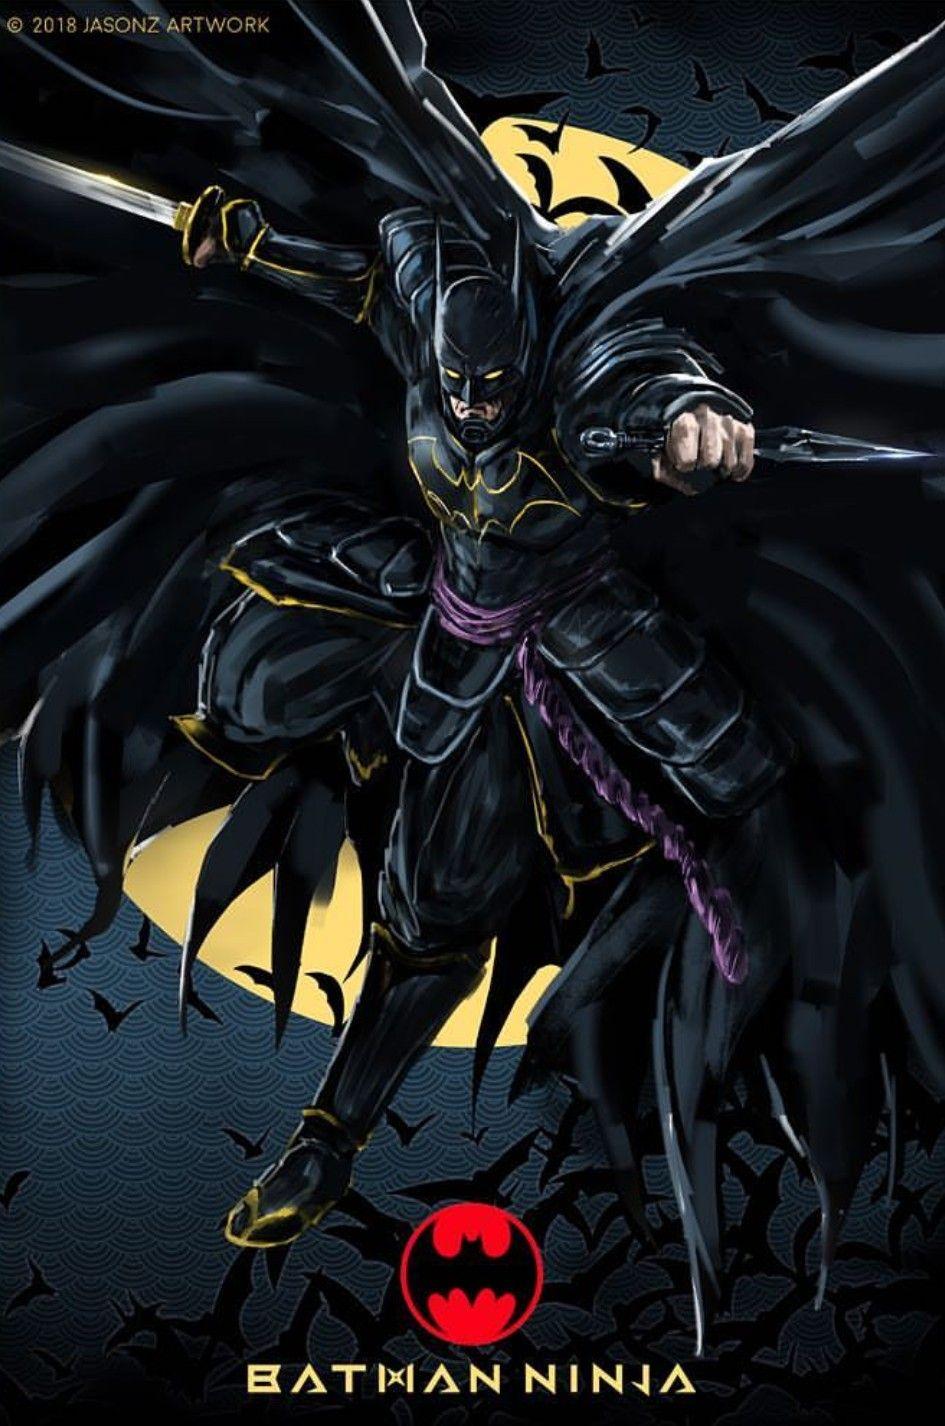 Batman Ninja Bruce Wayne Batman Artwork Batman Batman Ninja